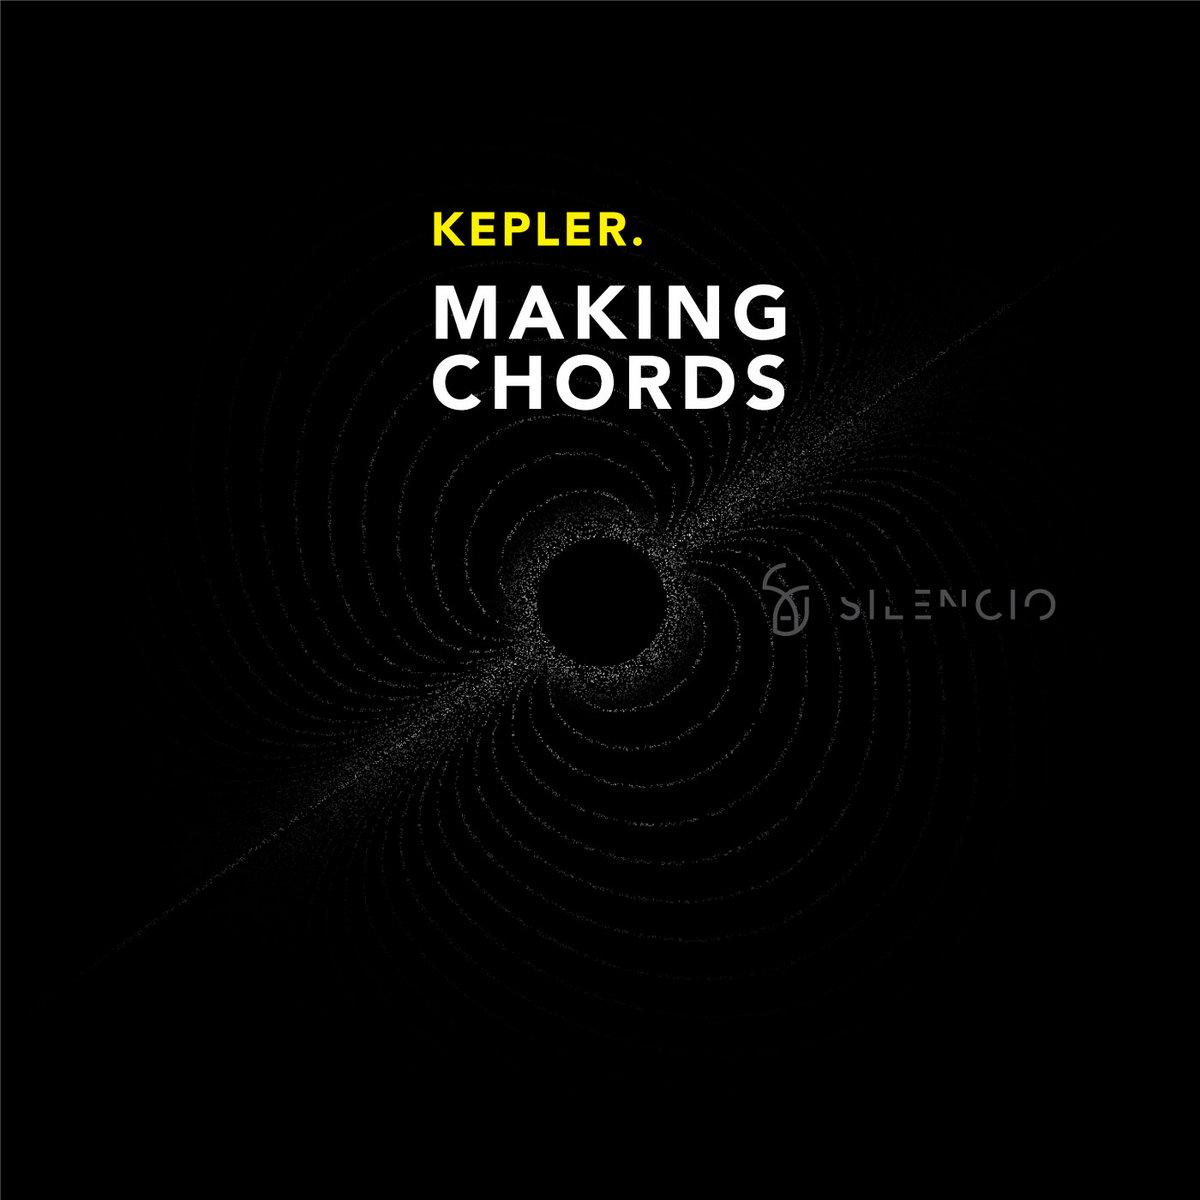 Making Chords | Silencio